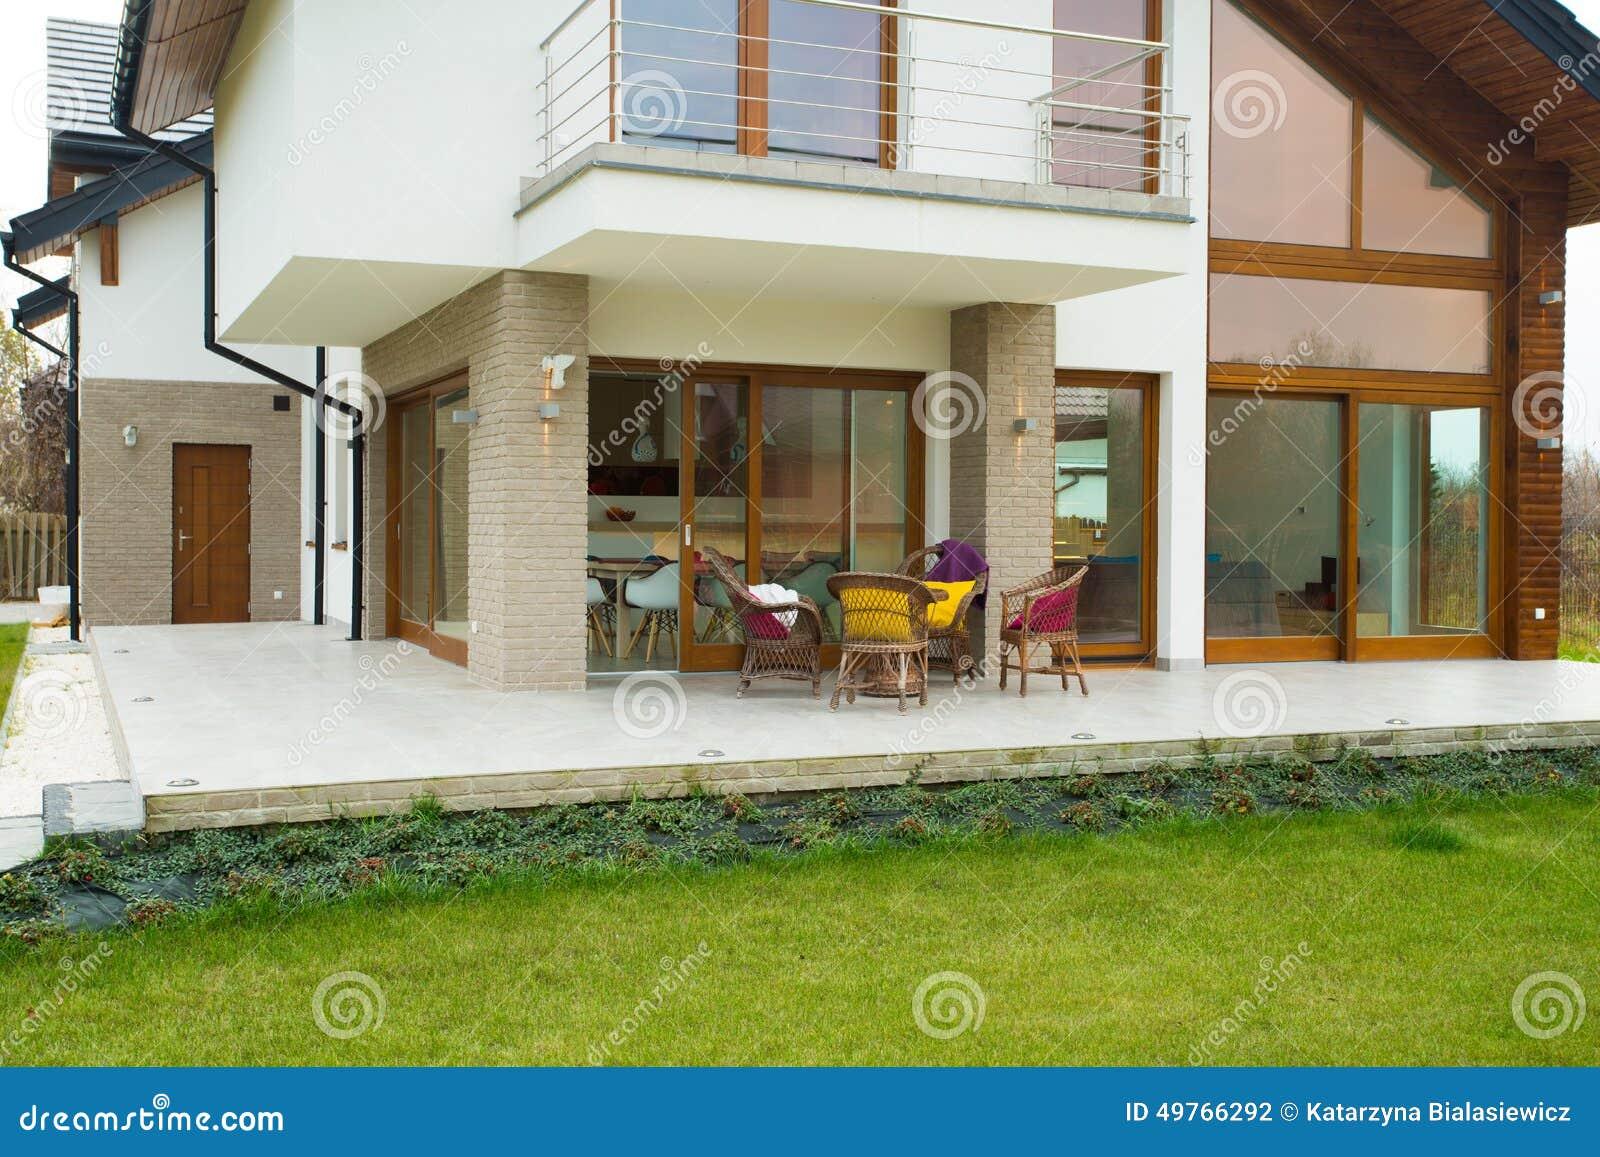 modernes und teures haus mit terrasse stockfoto bild von. Black Bedroom Furniture Sets. Home Design Ideas